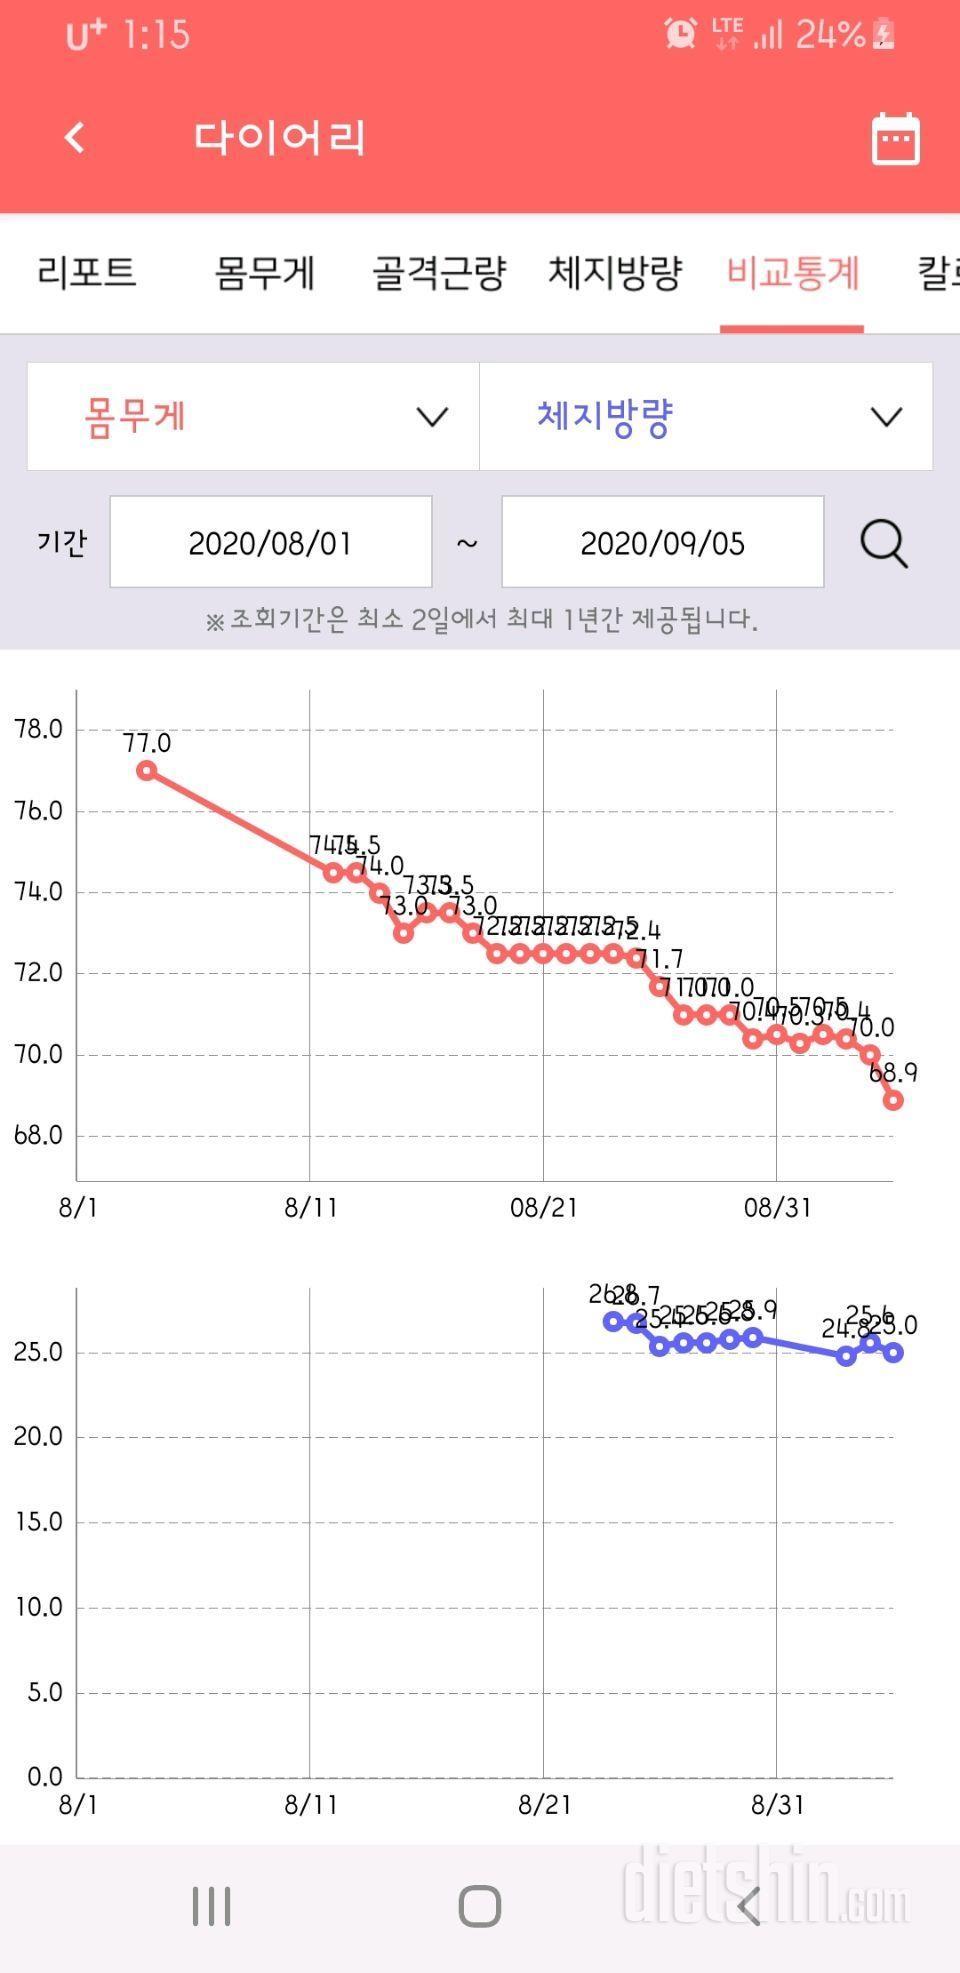 1달간 8Kg 감량(1차 다이어트 목적 달성)